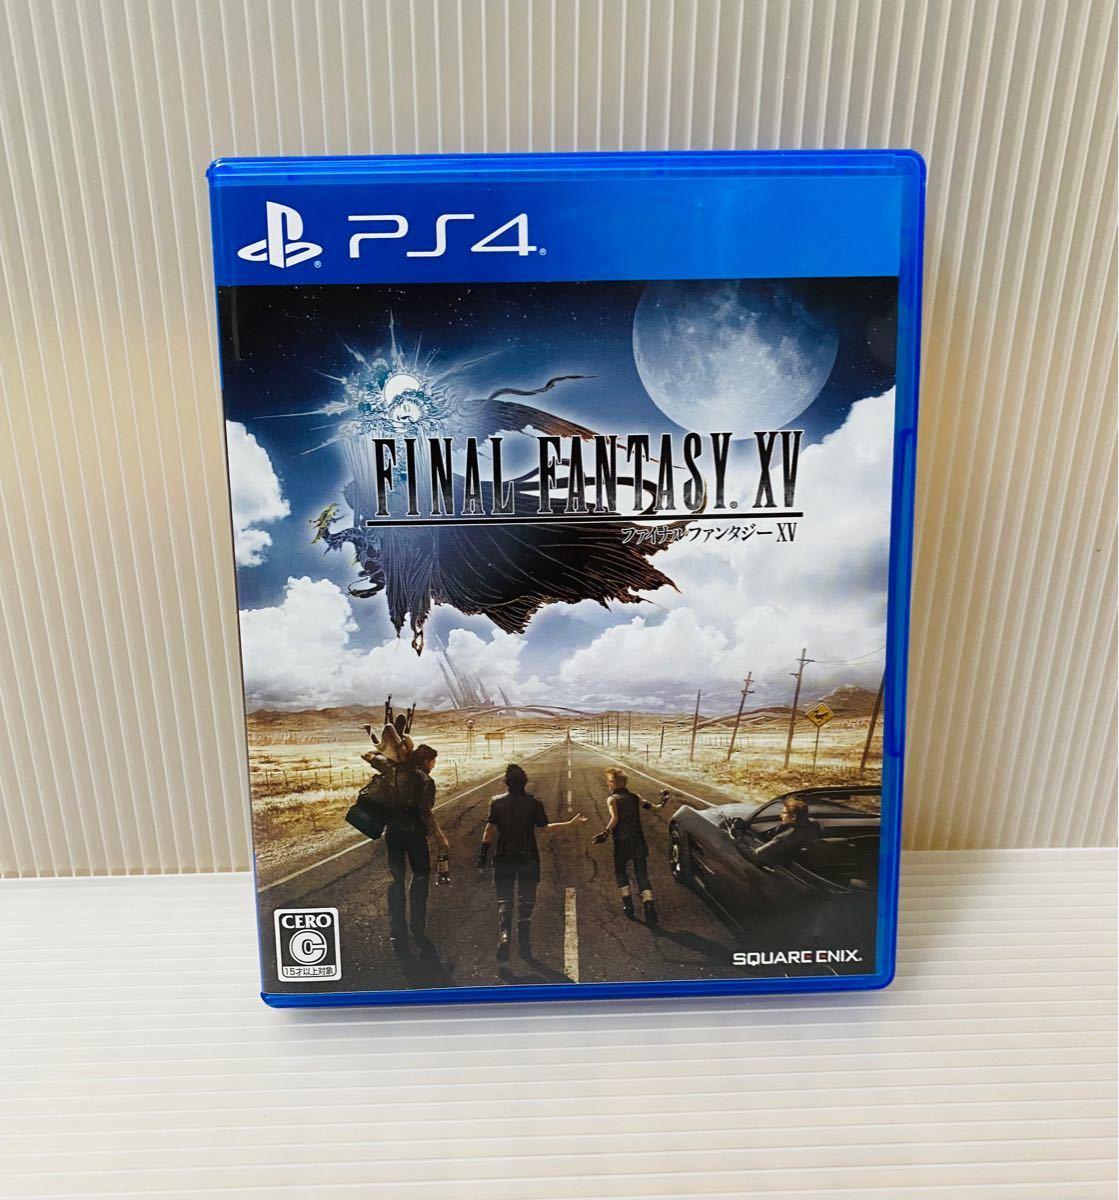 「PlayStation4 FINAL FANTASY XV LUNA EDITION FF15 特別デザインモデル 1TB